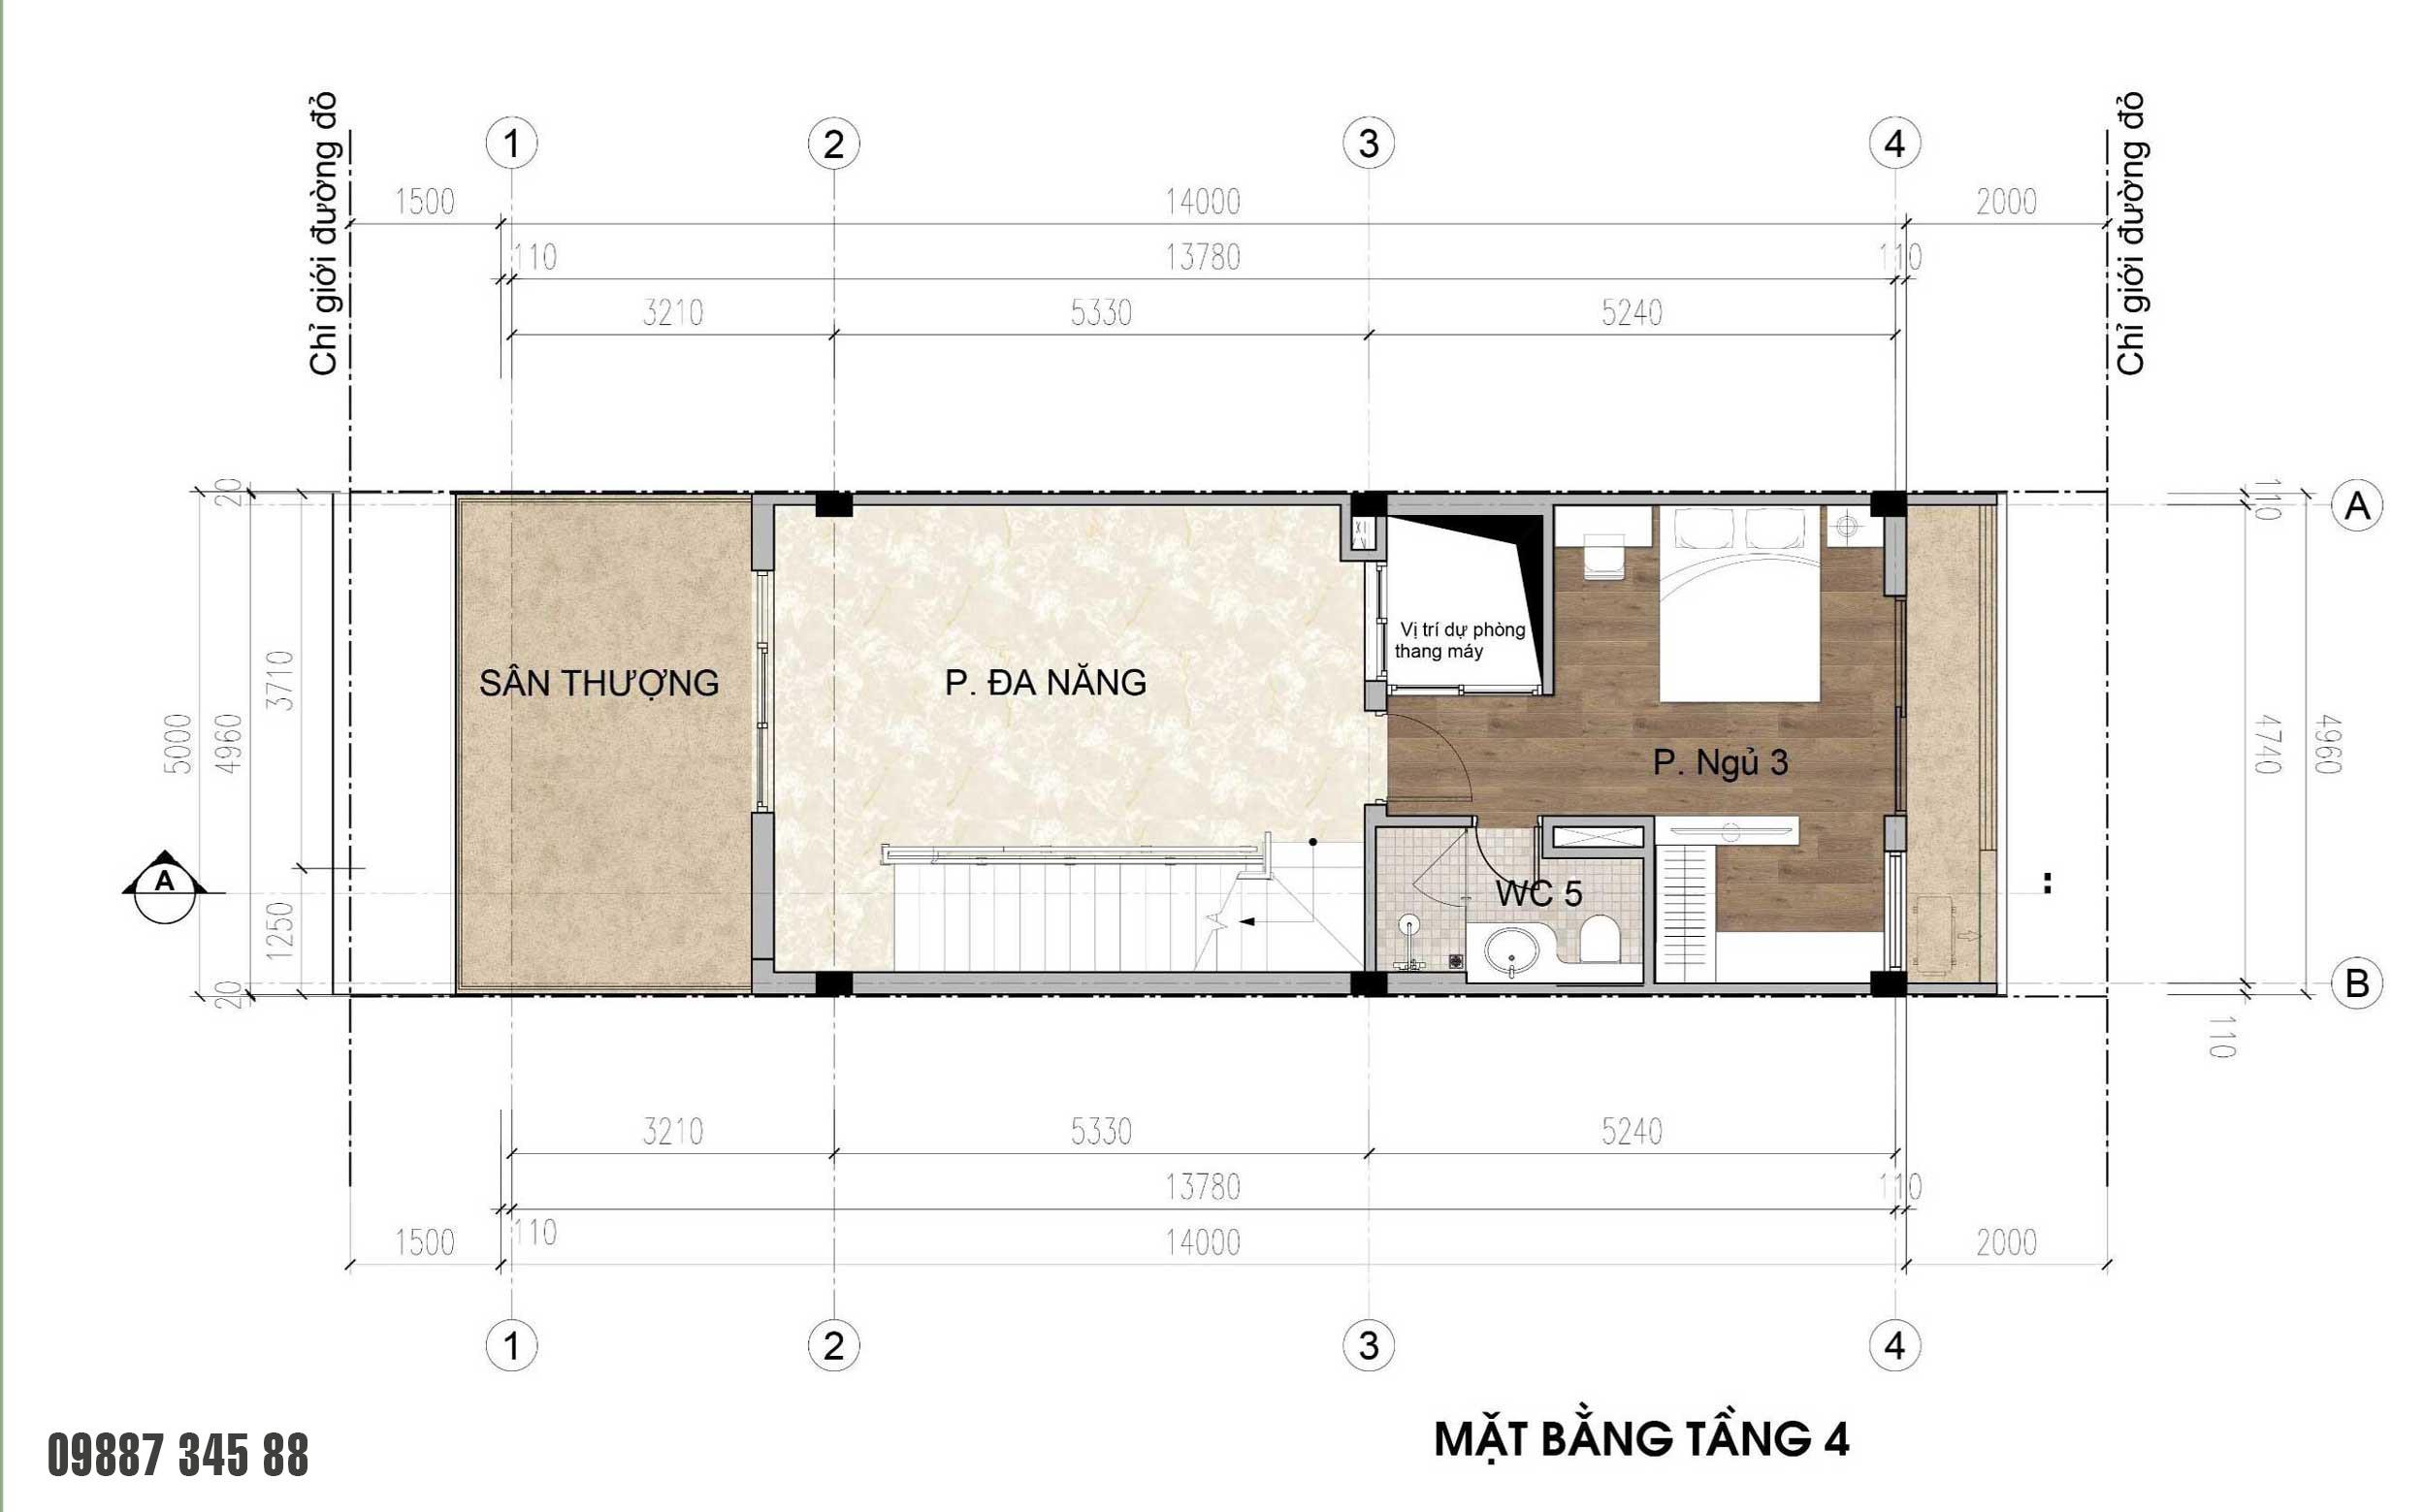 Mặt bằng tầng 4 - nhà phố vườn Thủy Trúc(5x17,5m)